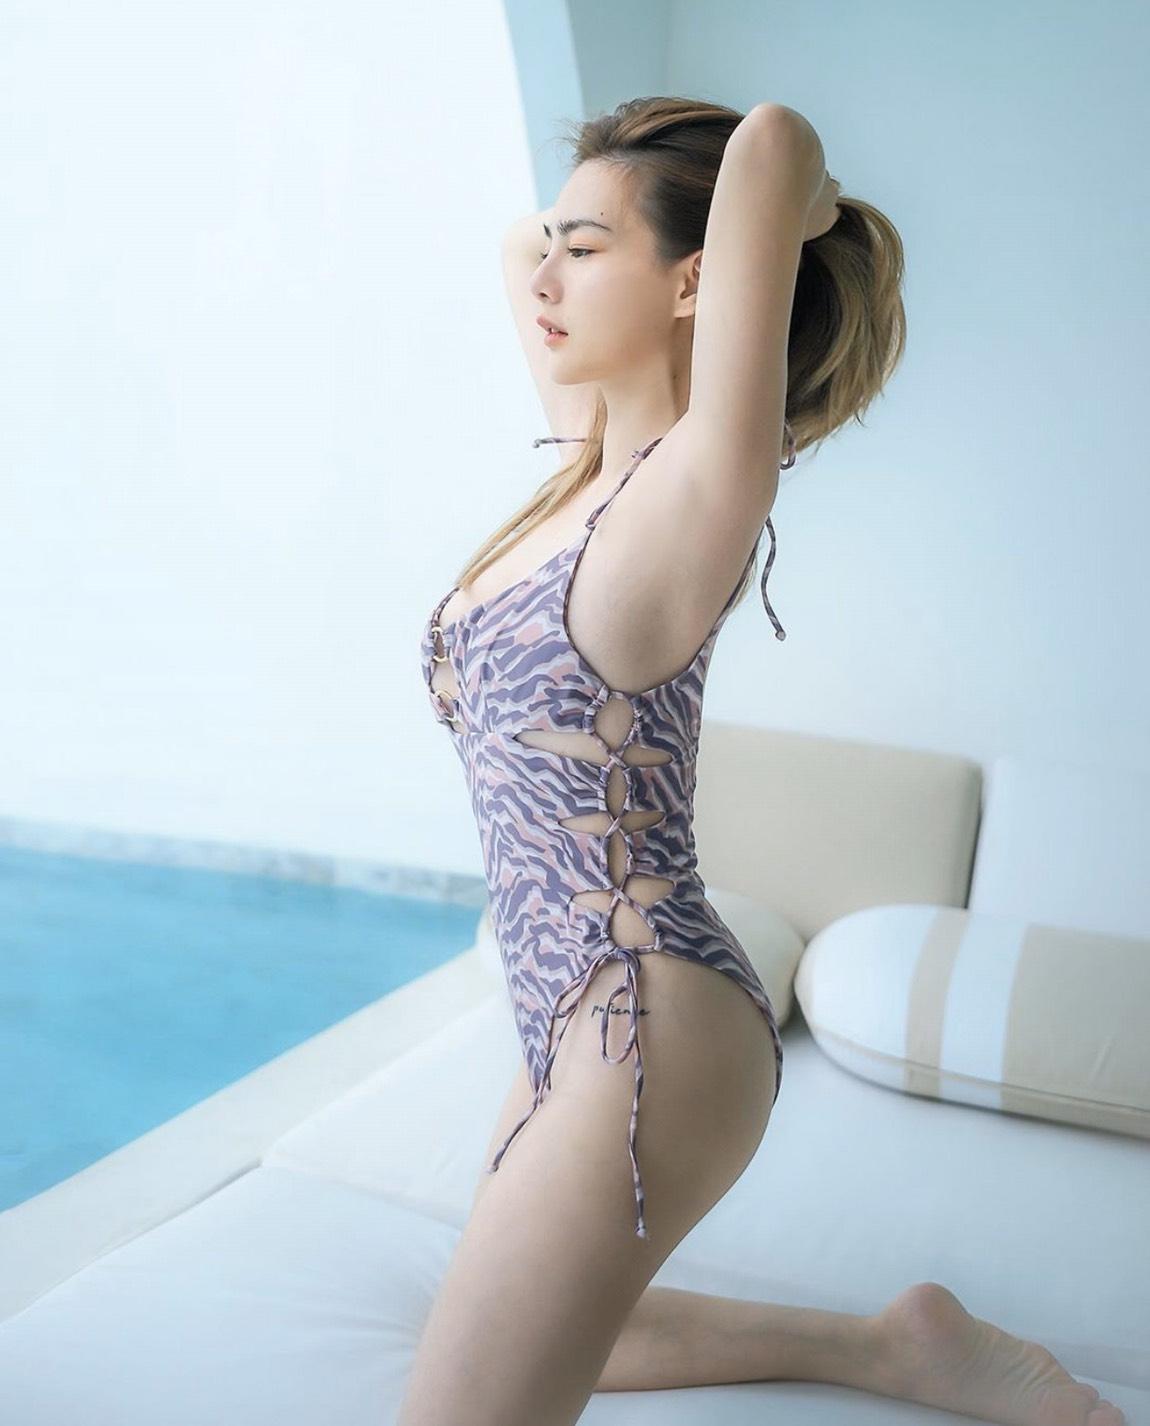 ส่องแฟชั่น ชุดว่ายน้ำ 2020 เซเลบดาราไทยสุดแซ่บ 2020